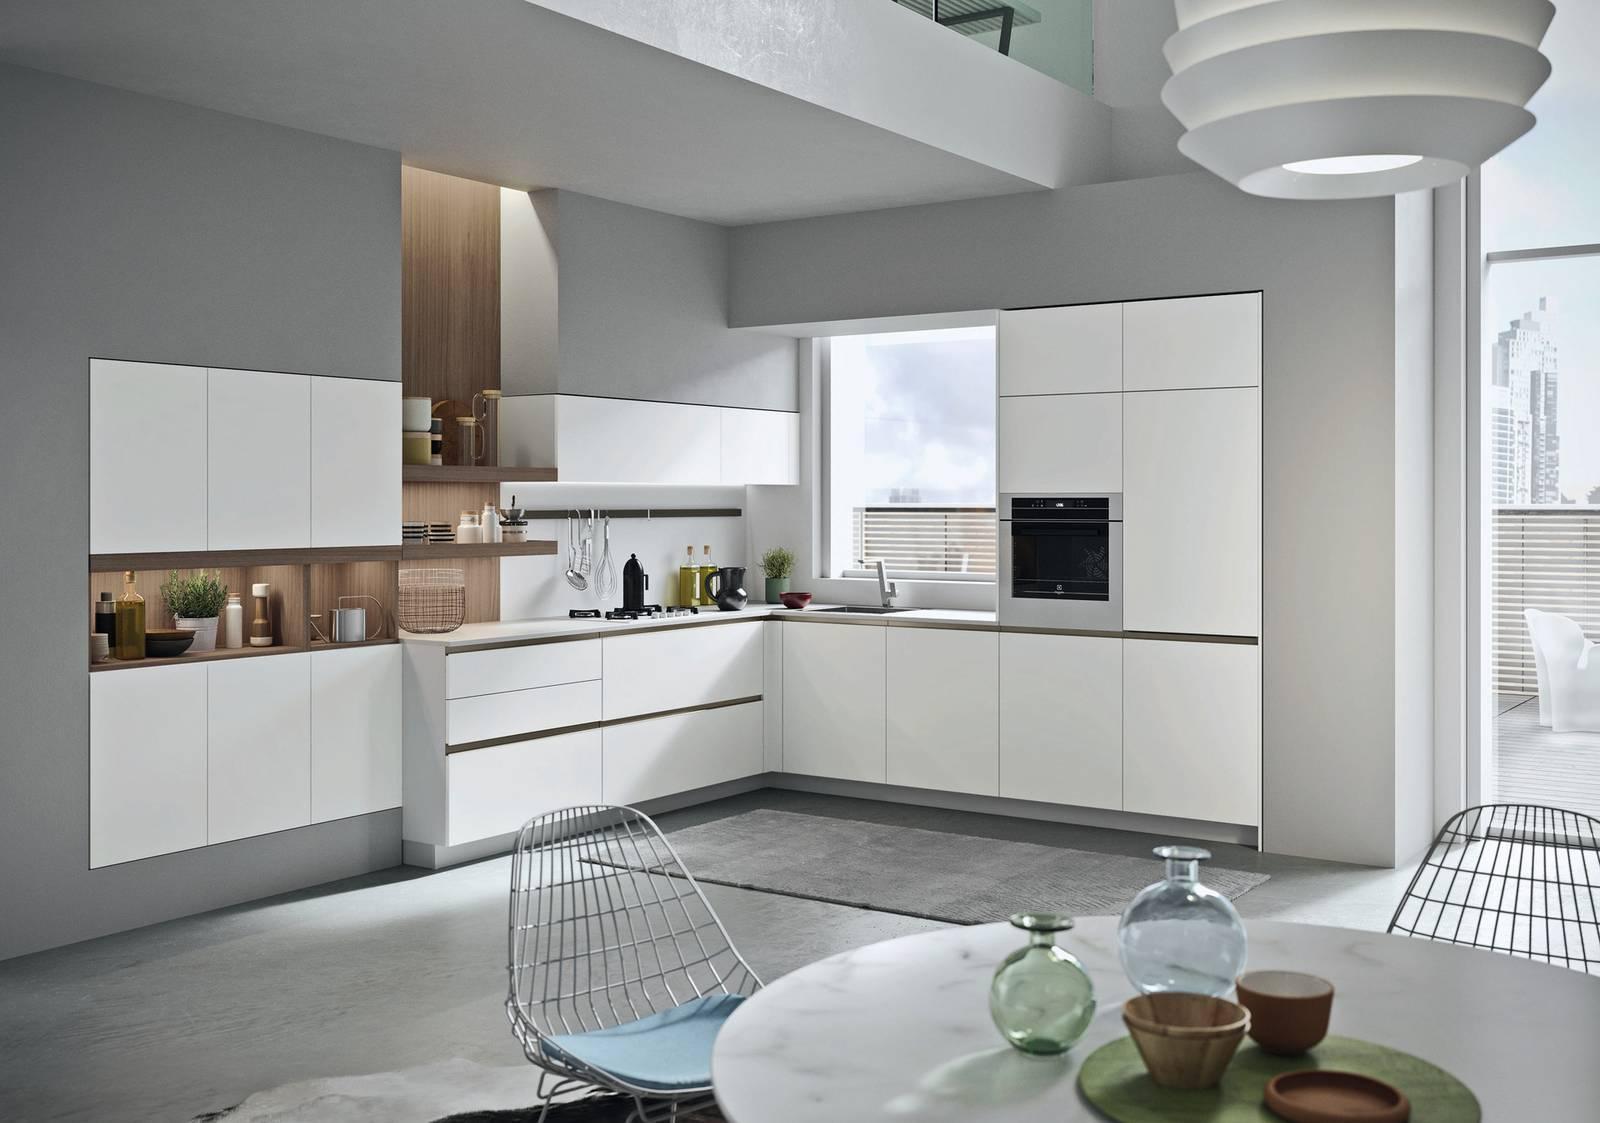 Cucine a L, a vista sul soggiorno o separate - Cose di Casa